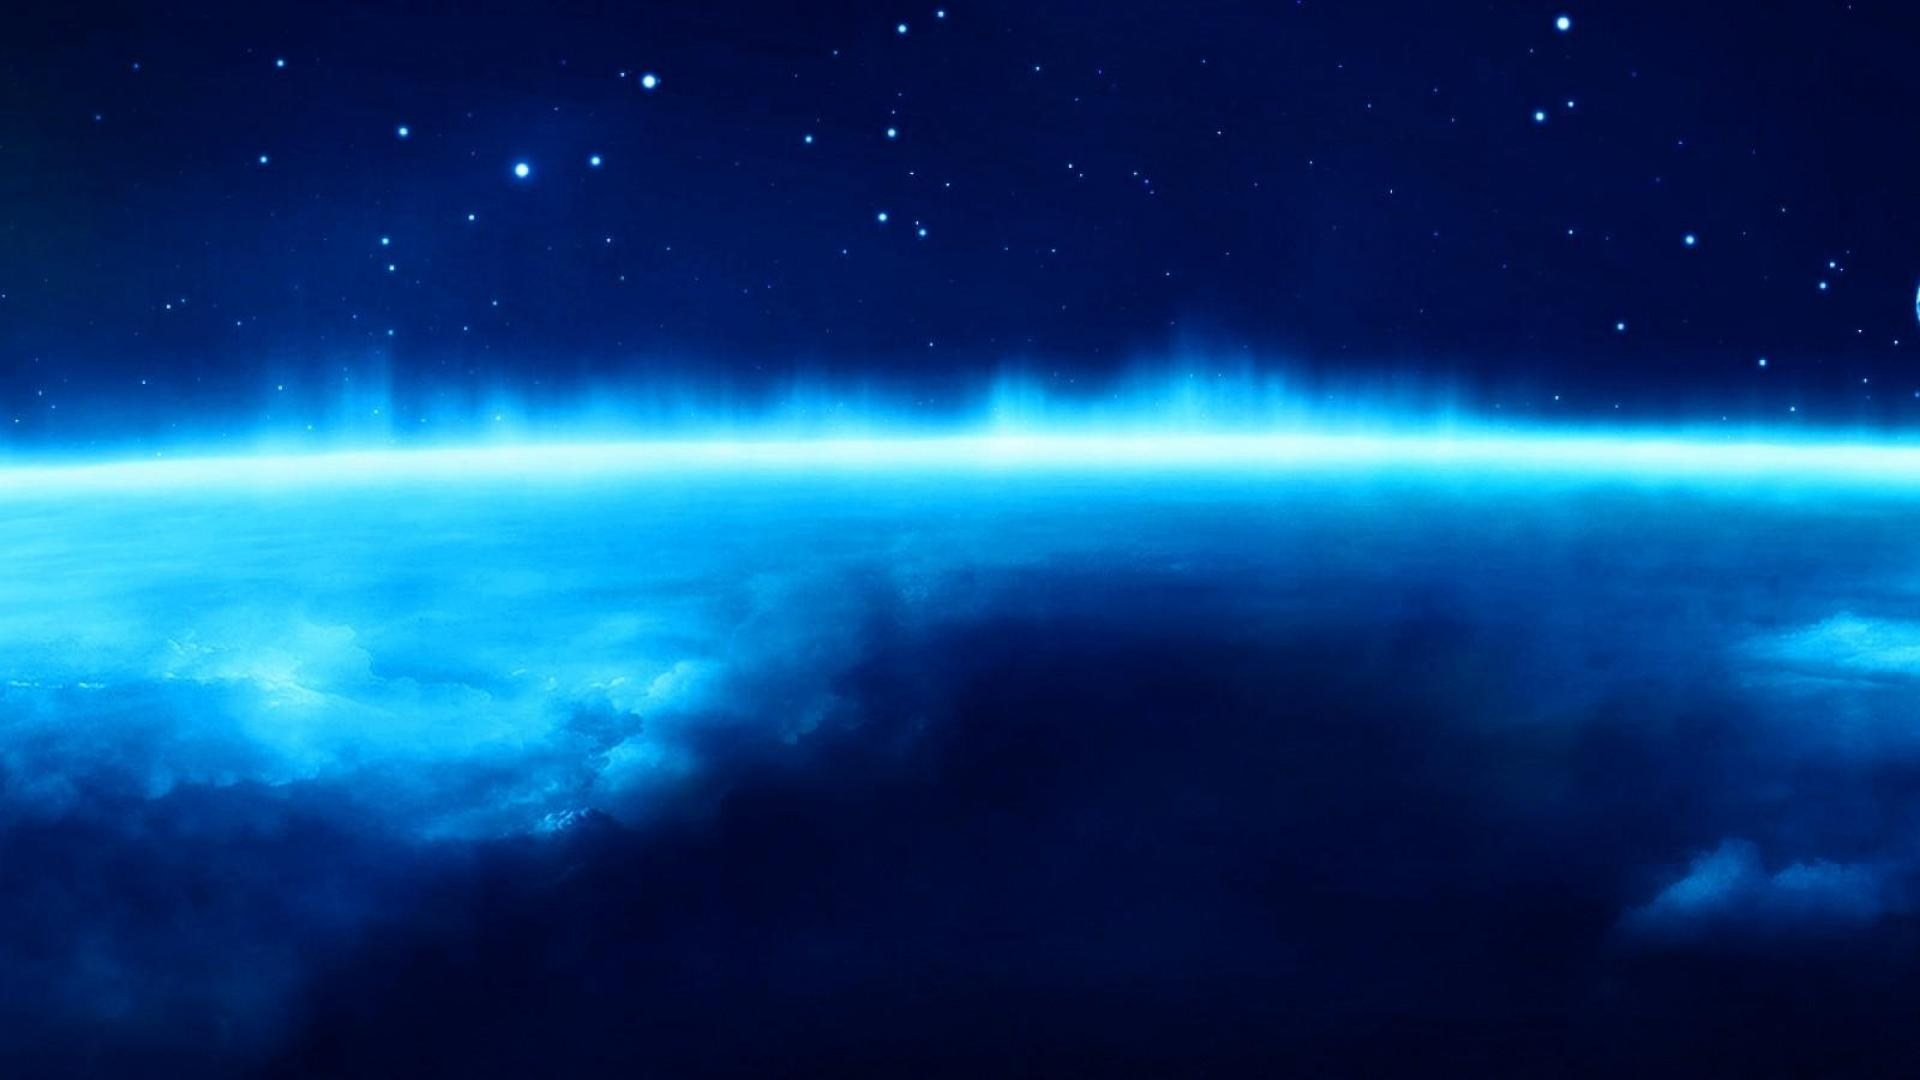 DEEP BLUE SPACE WALLPAPER   105271   HD Wallpapers   [desktopinHQ 1920x1080